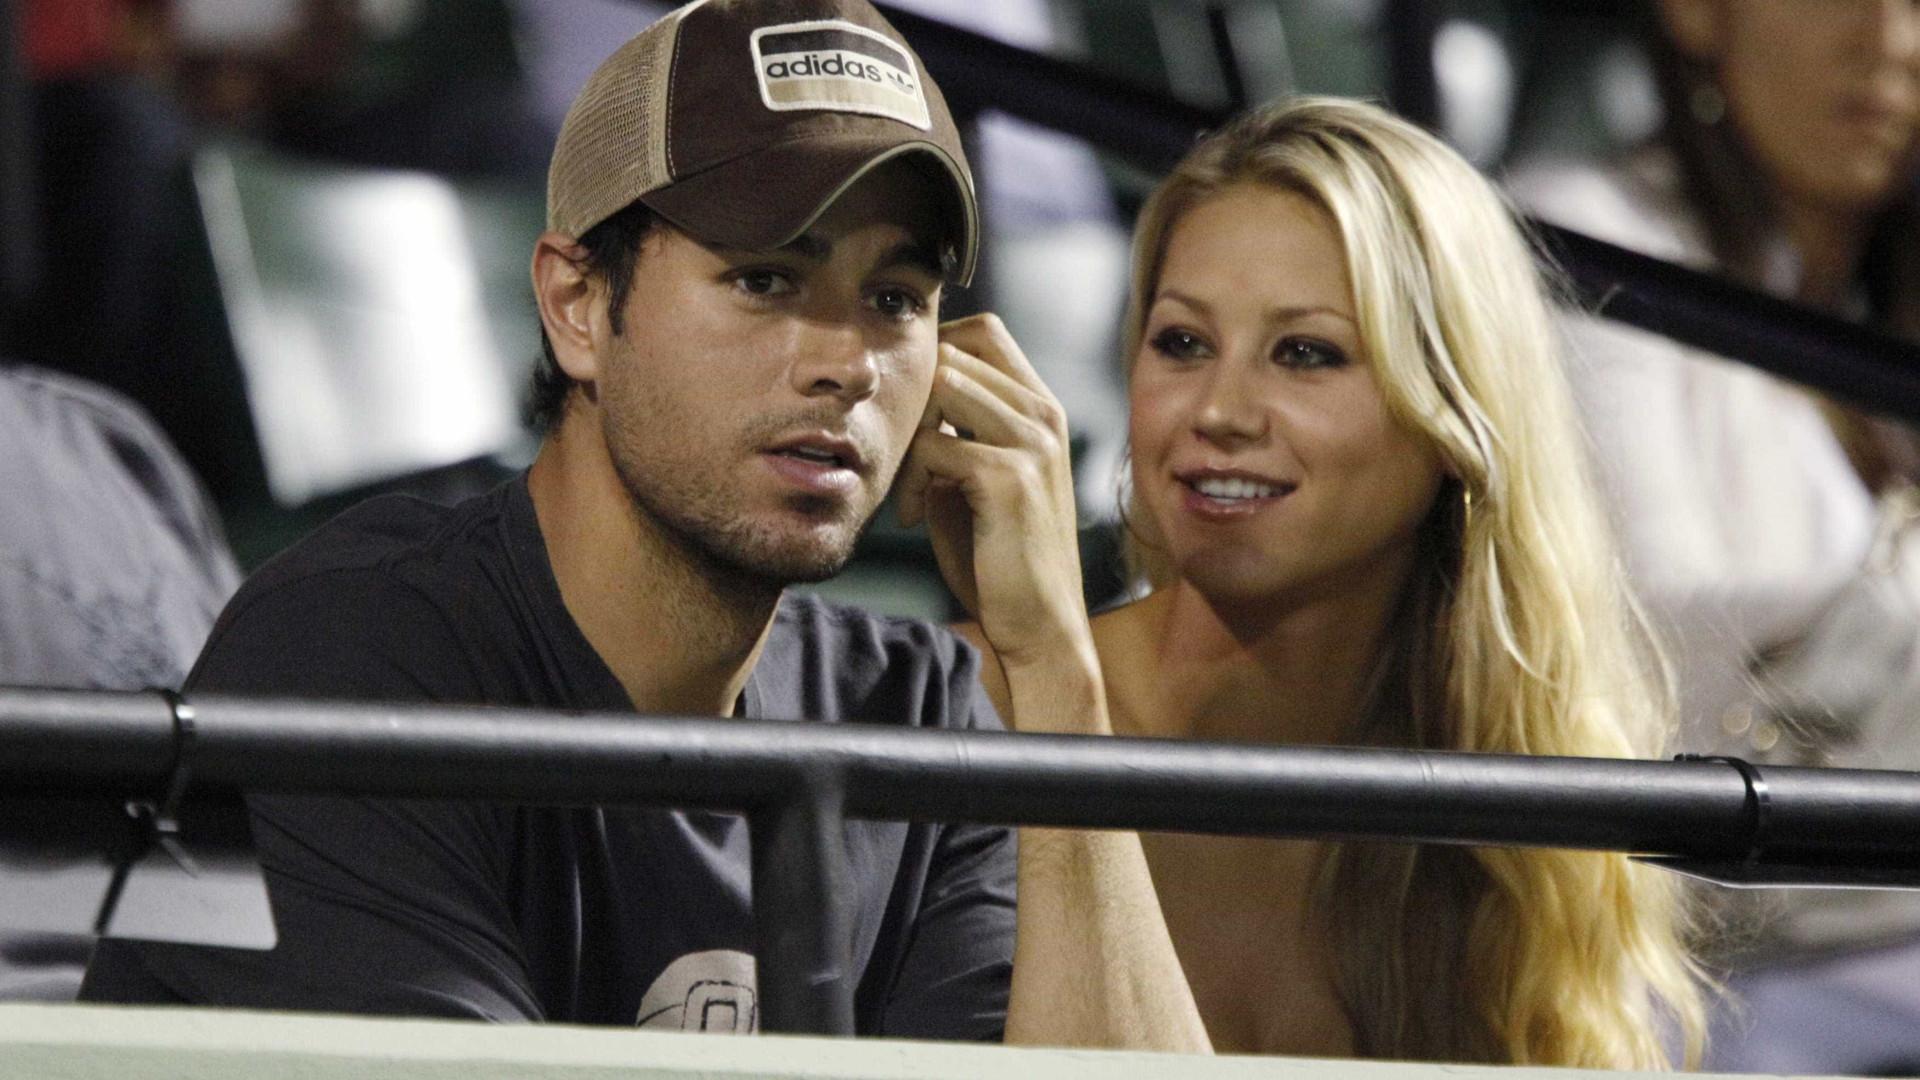 Mesmo comprometido há mais de uma década, Enrique Iglesias tem Tinder